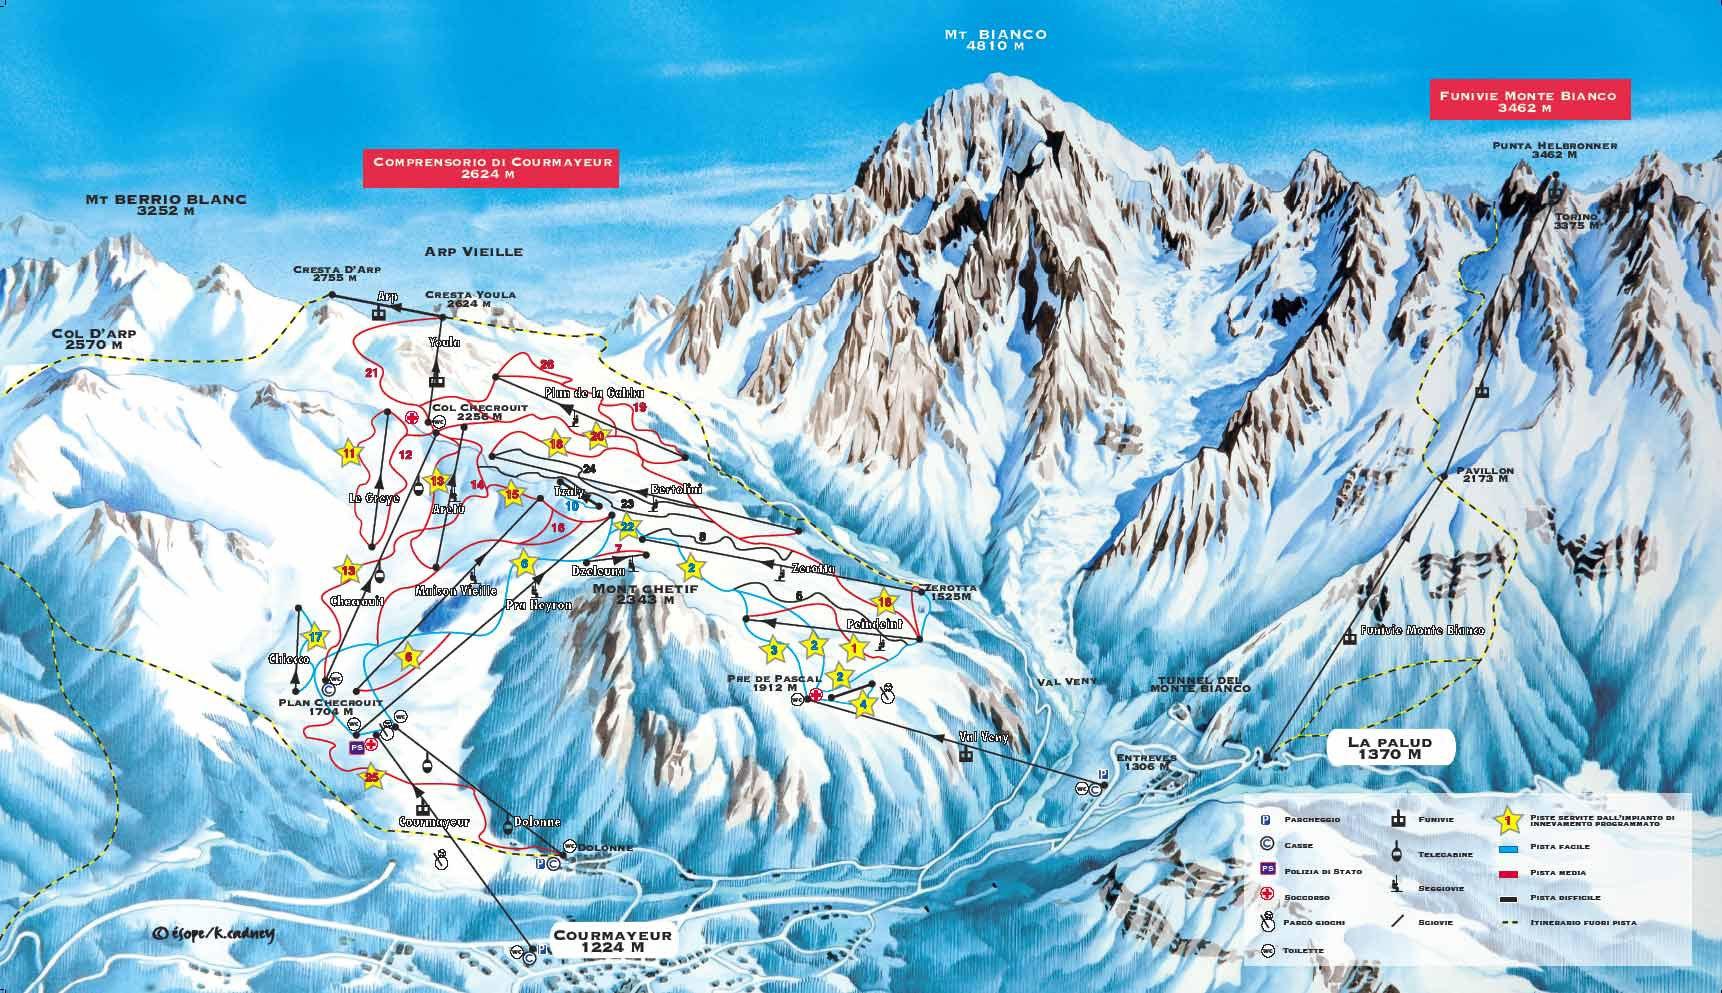 Курмайор горнолыжный курорт Италии Фото схема трасс отели отзывы и цены